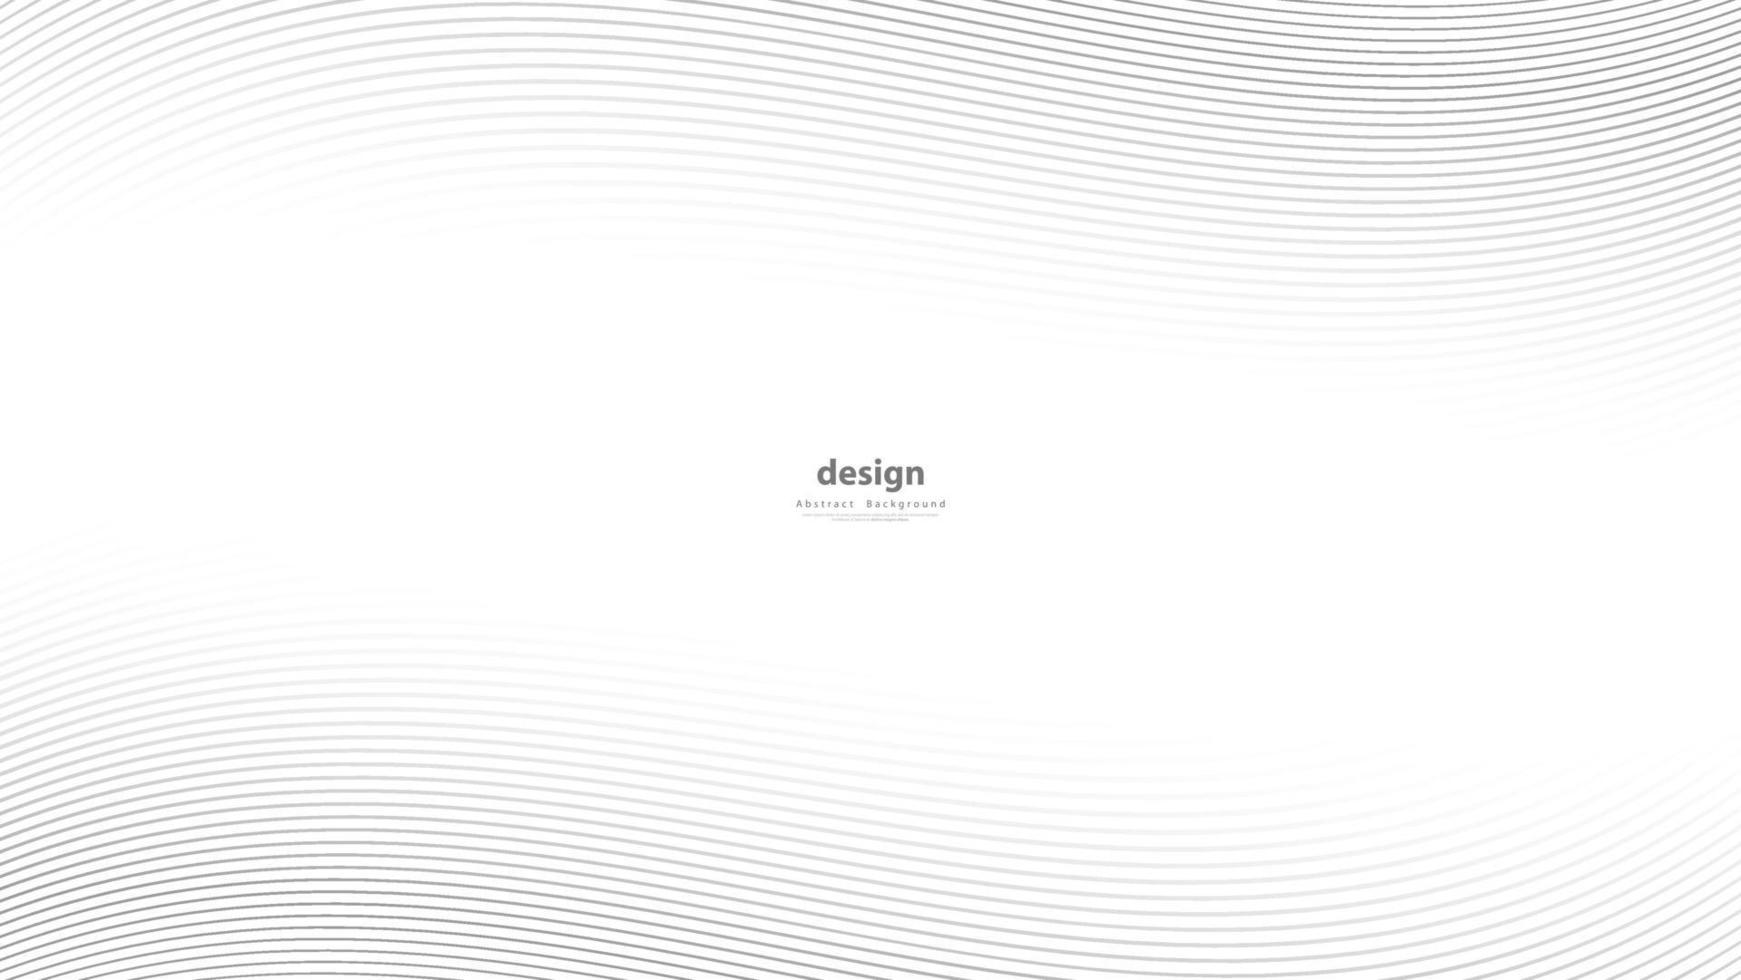 abstrakt skev diagonal randig bakgrund. vektor böjd vriden lutande, vinkade linjer mönster. helt ny stil för din affärsdesign